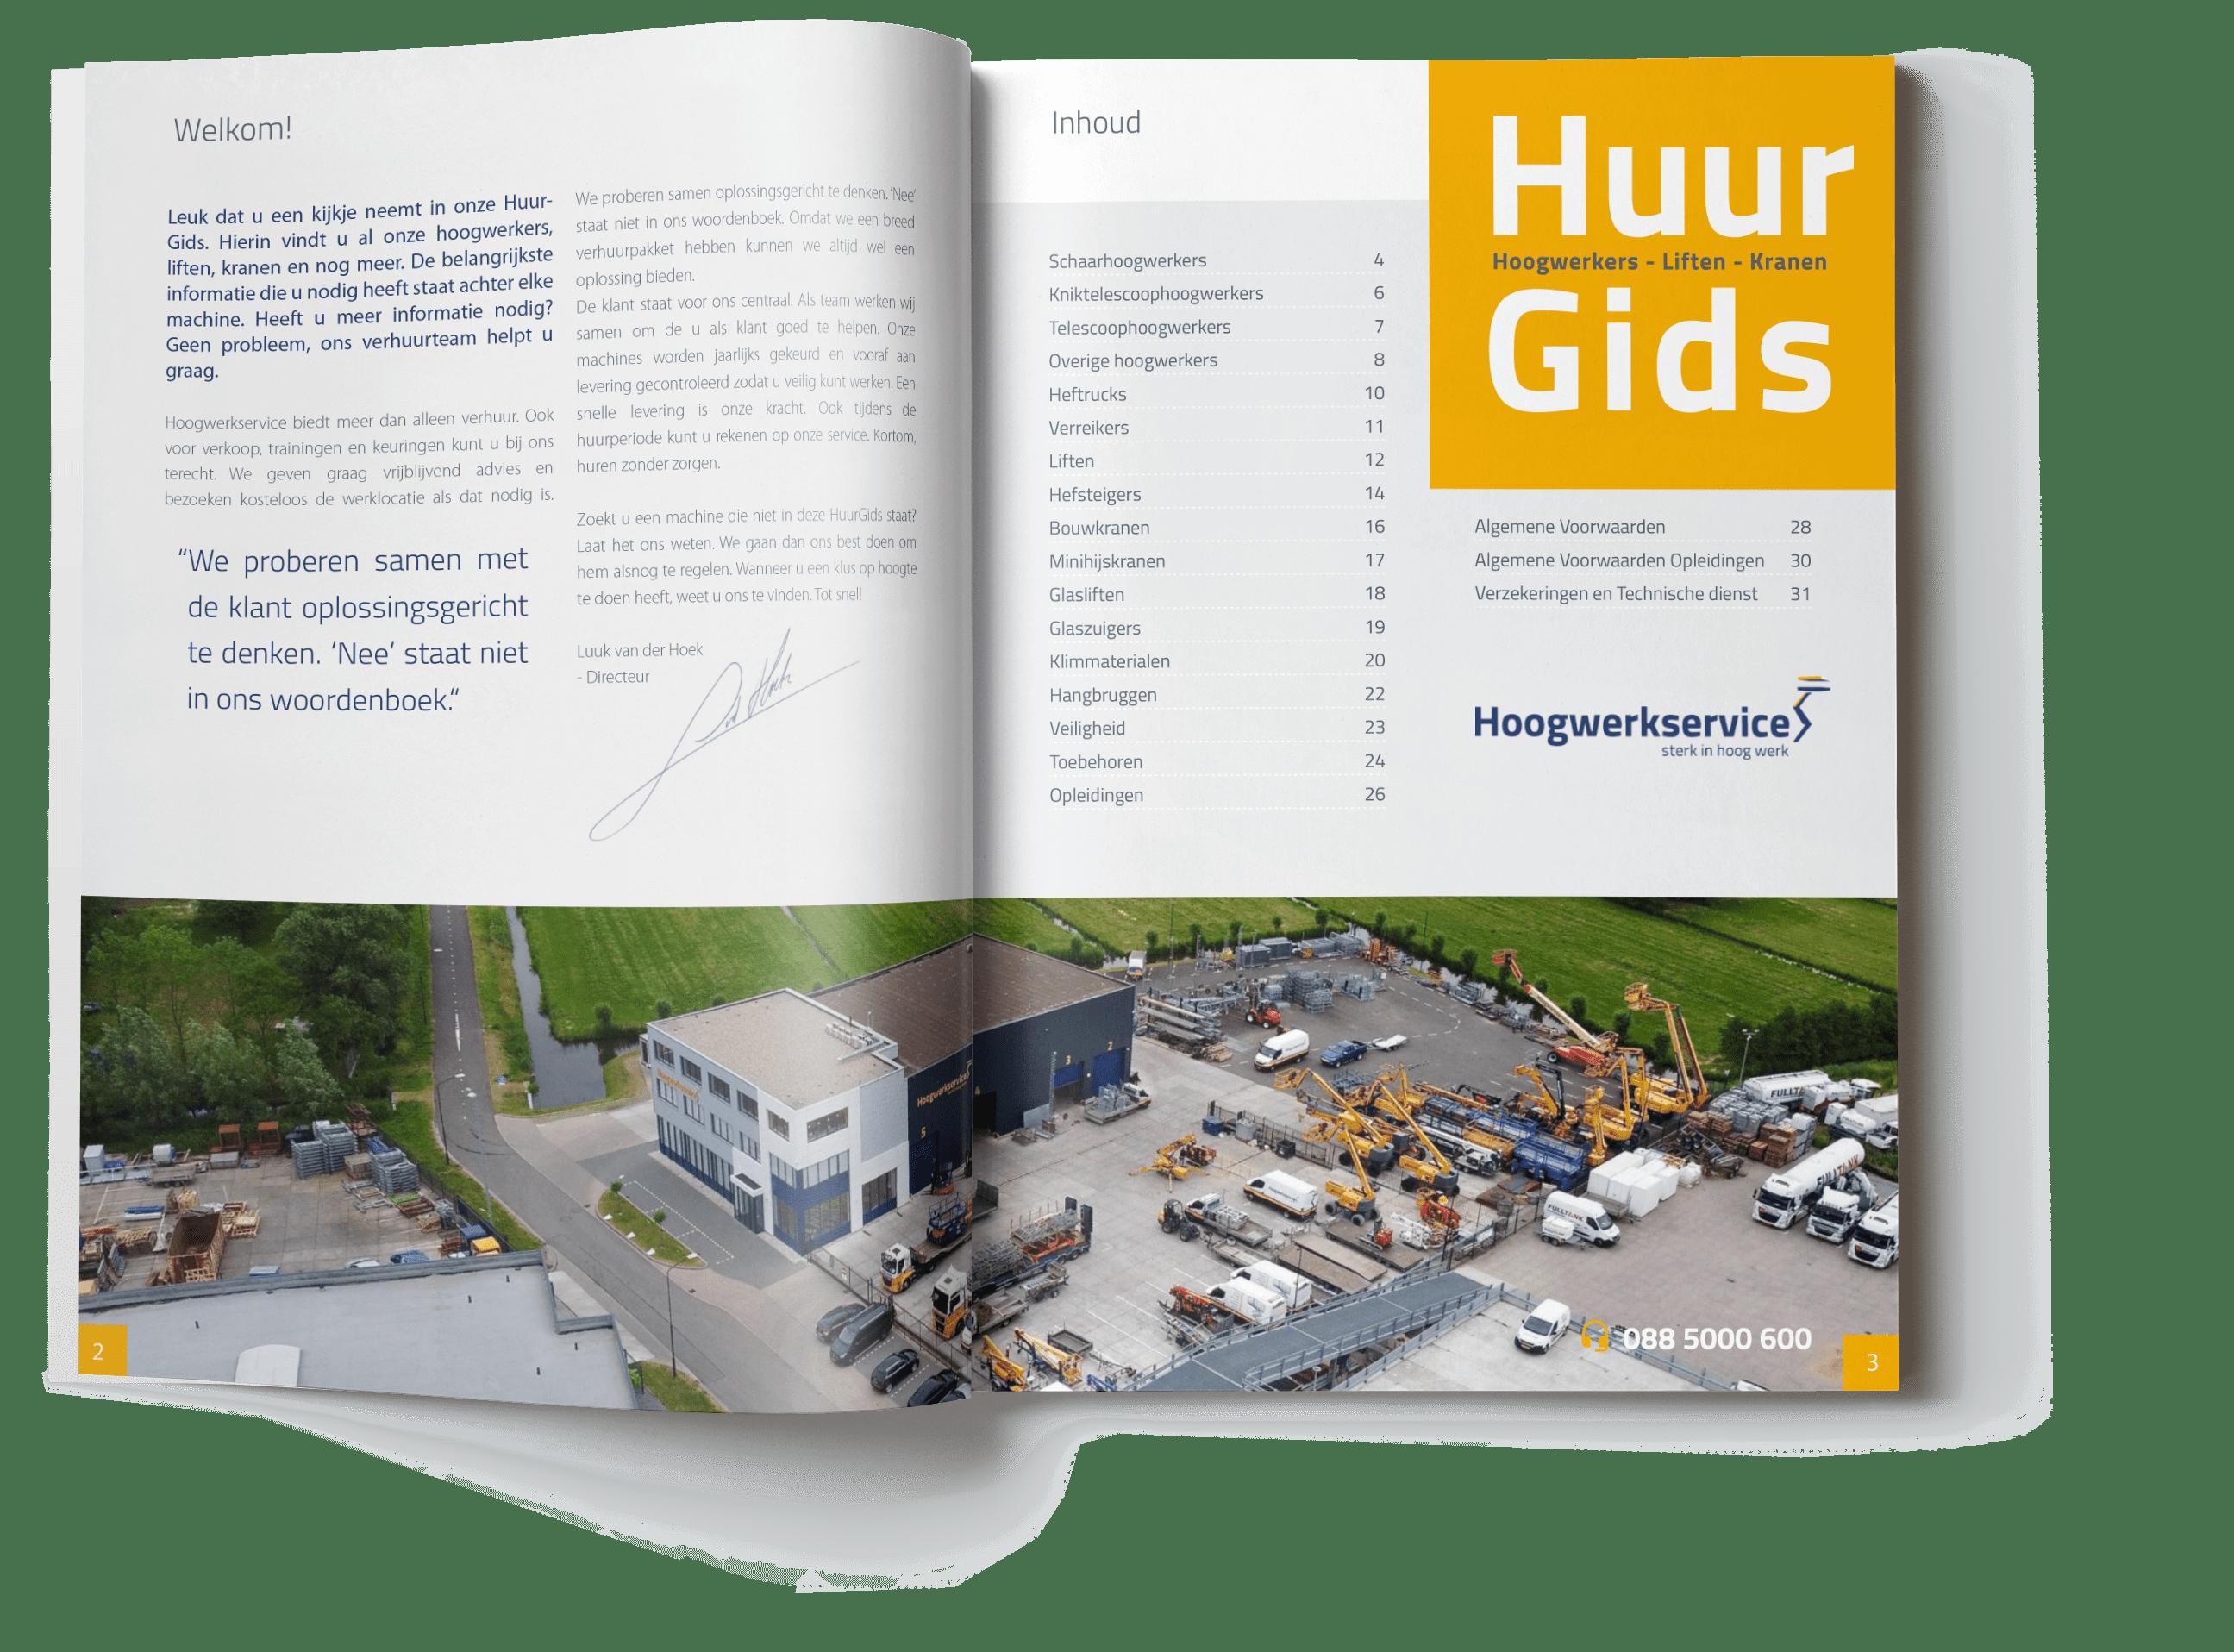 Hoogwerkservice Huurgids